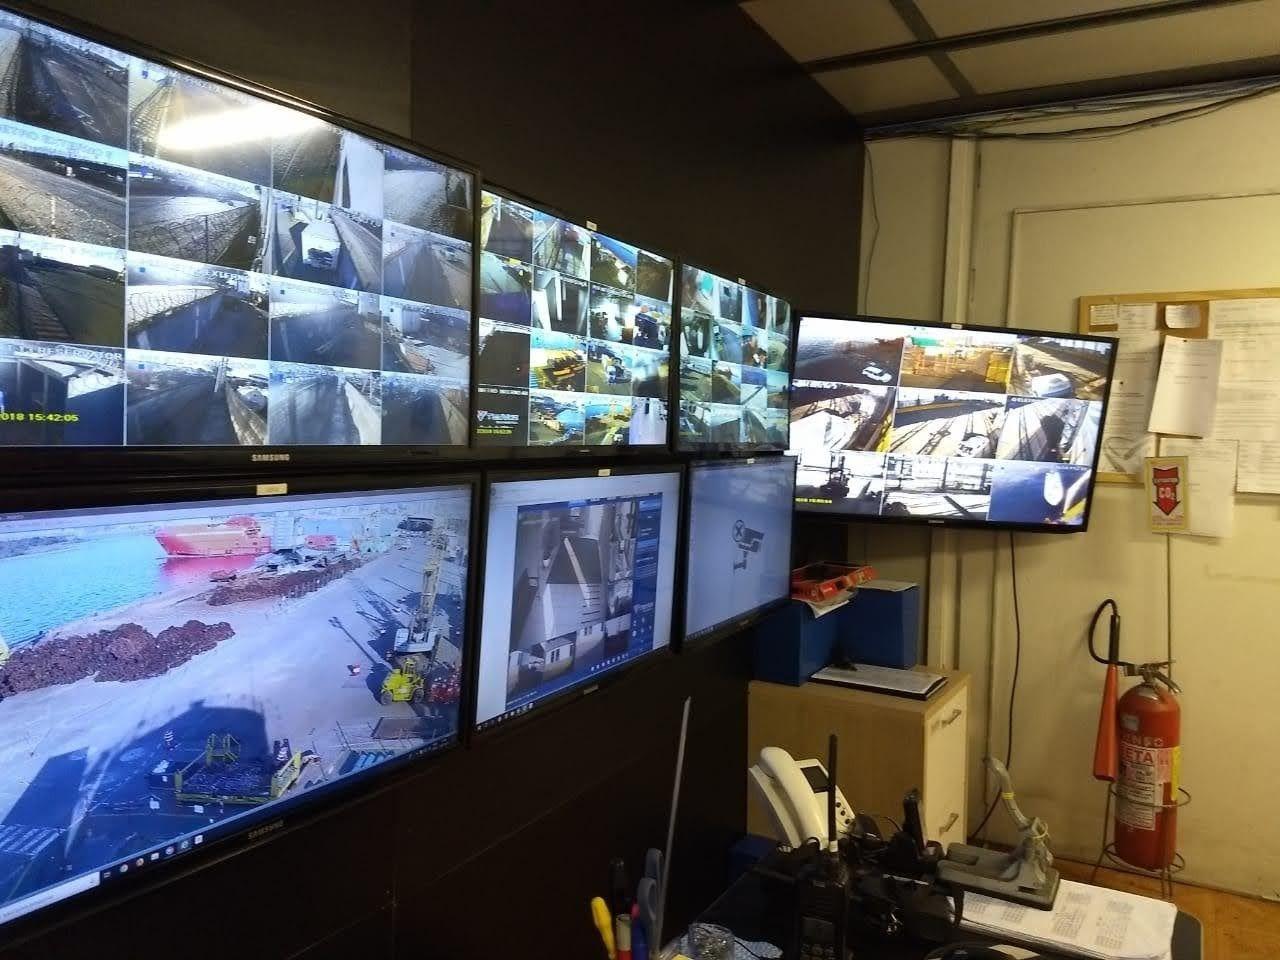 minha central de monitoramento 24horas